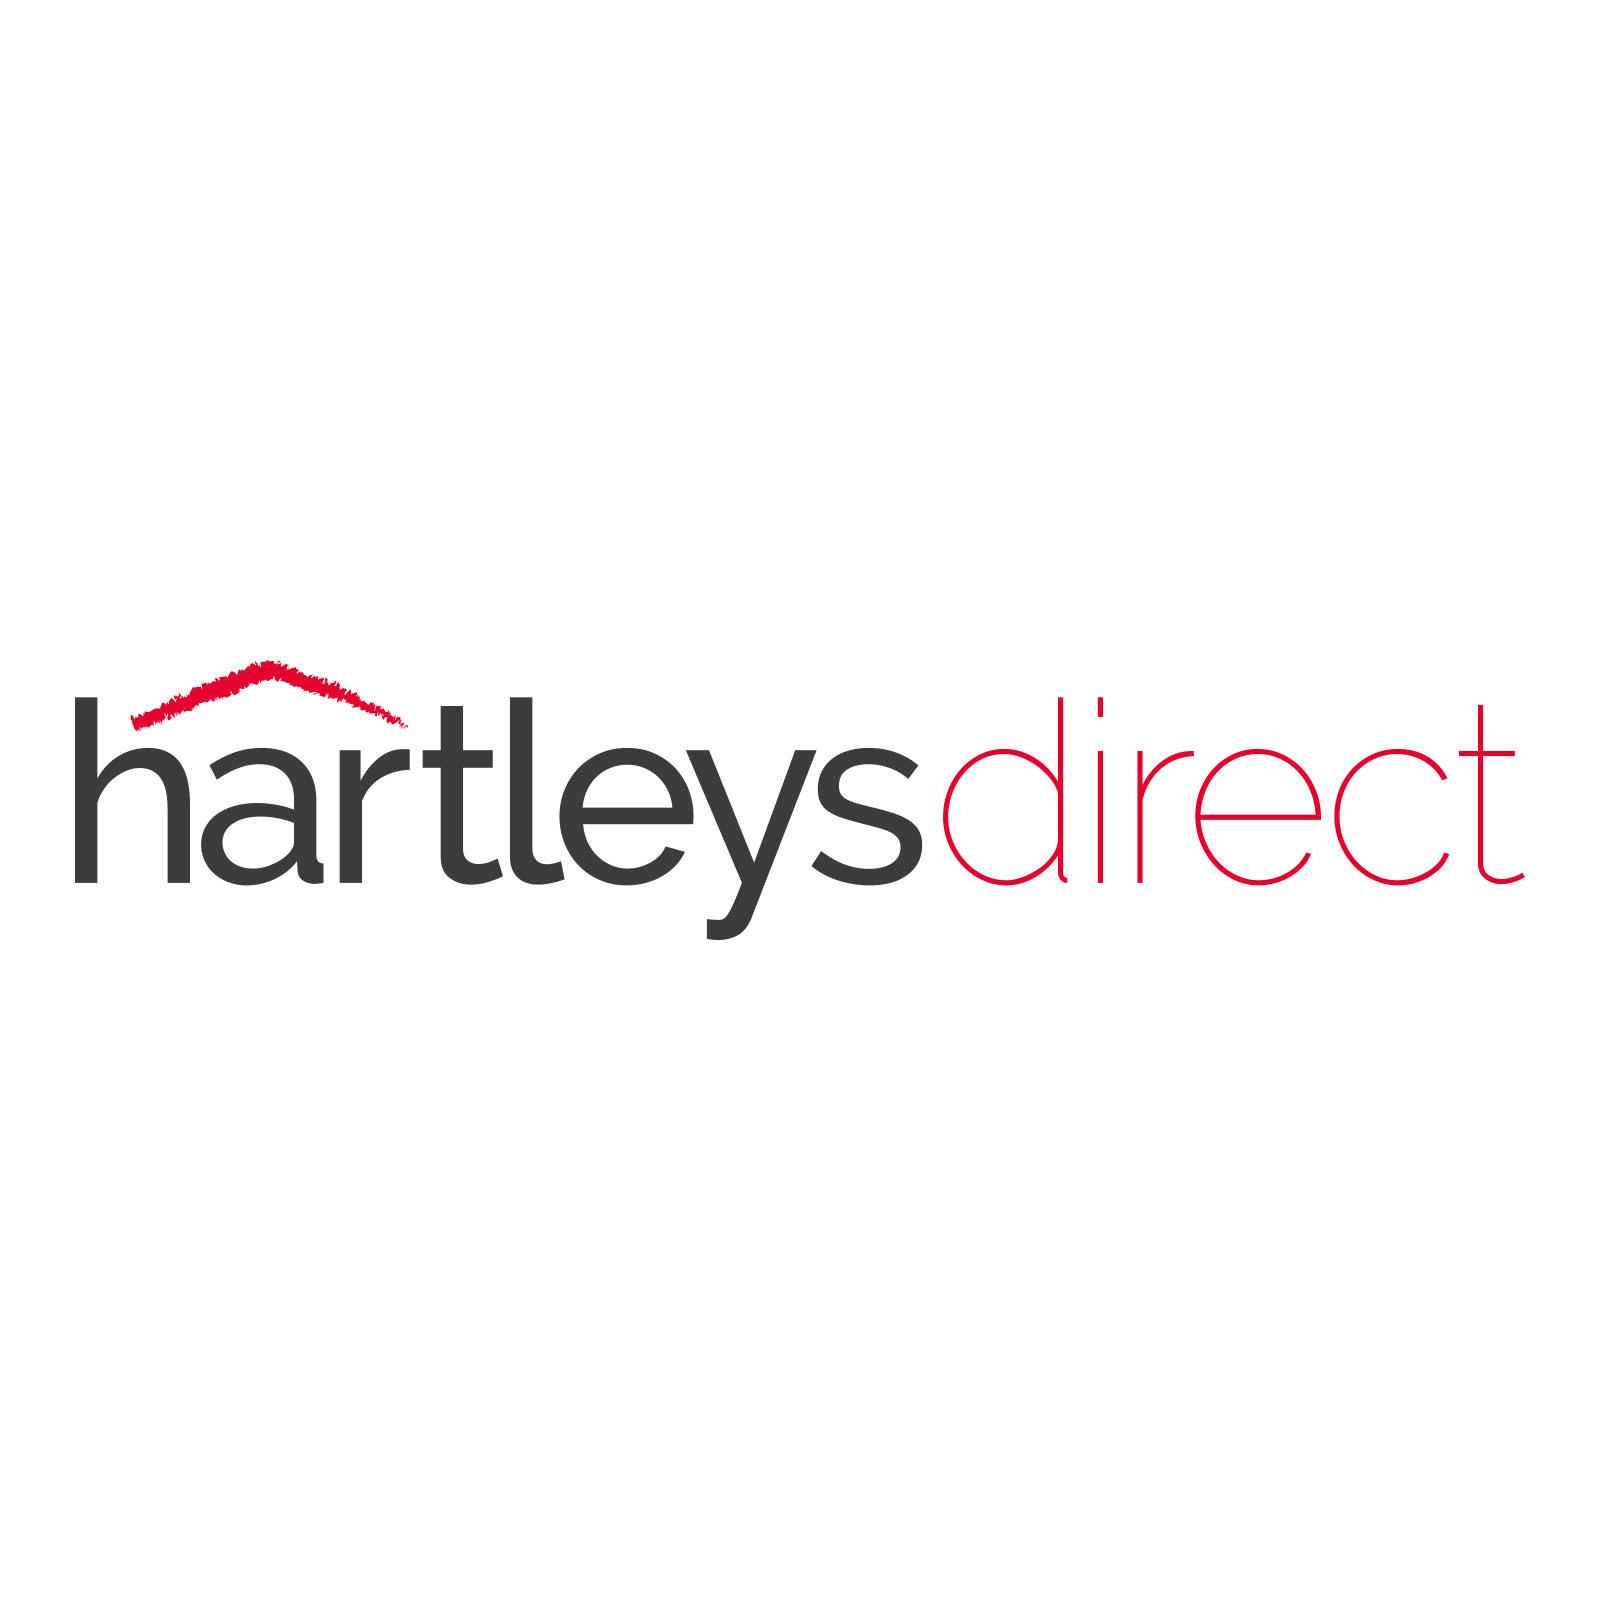 Hartleys-Gold-Lion-Furniture-Knocker-Handle-on-White-Background.jpg